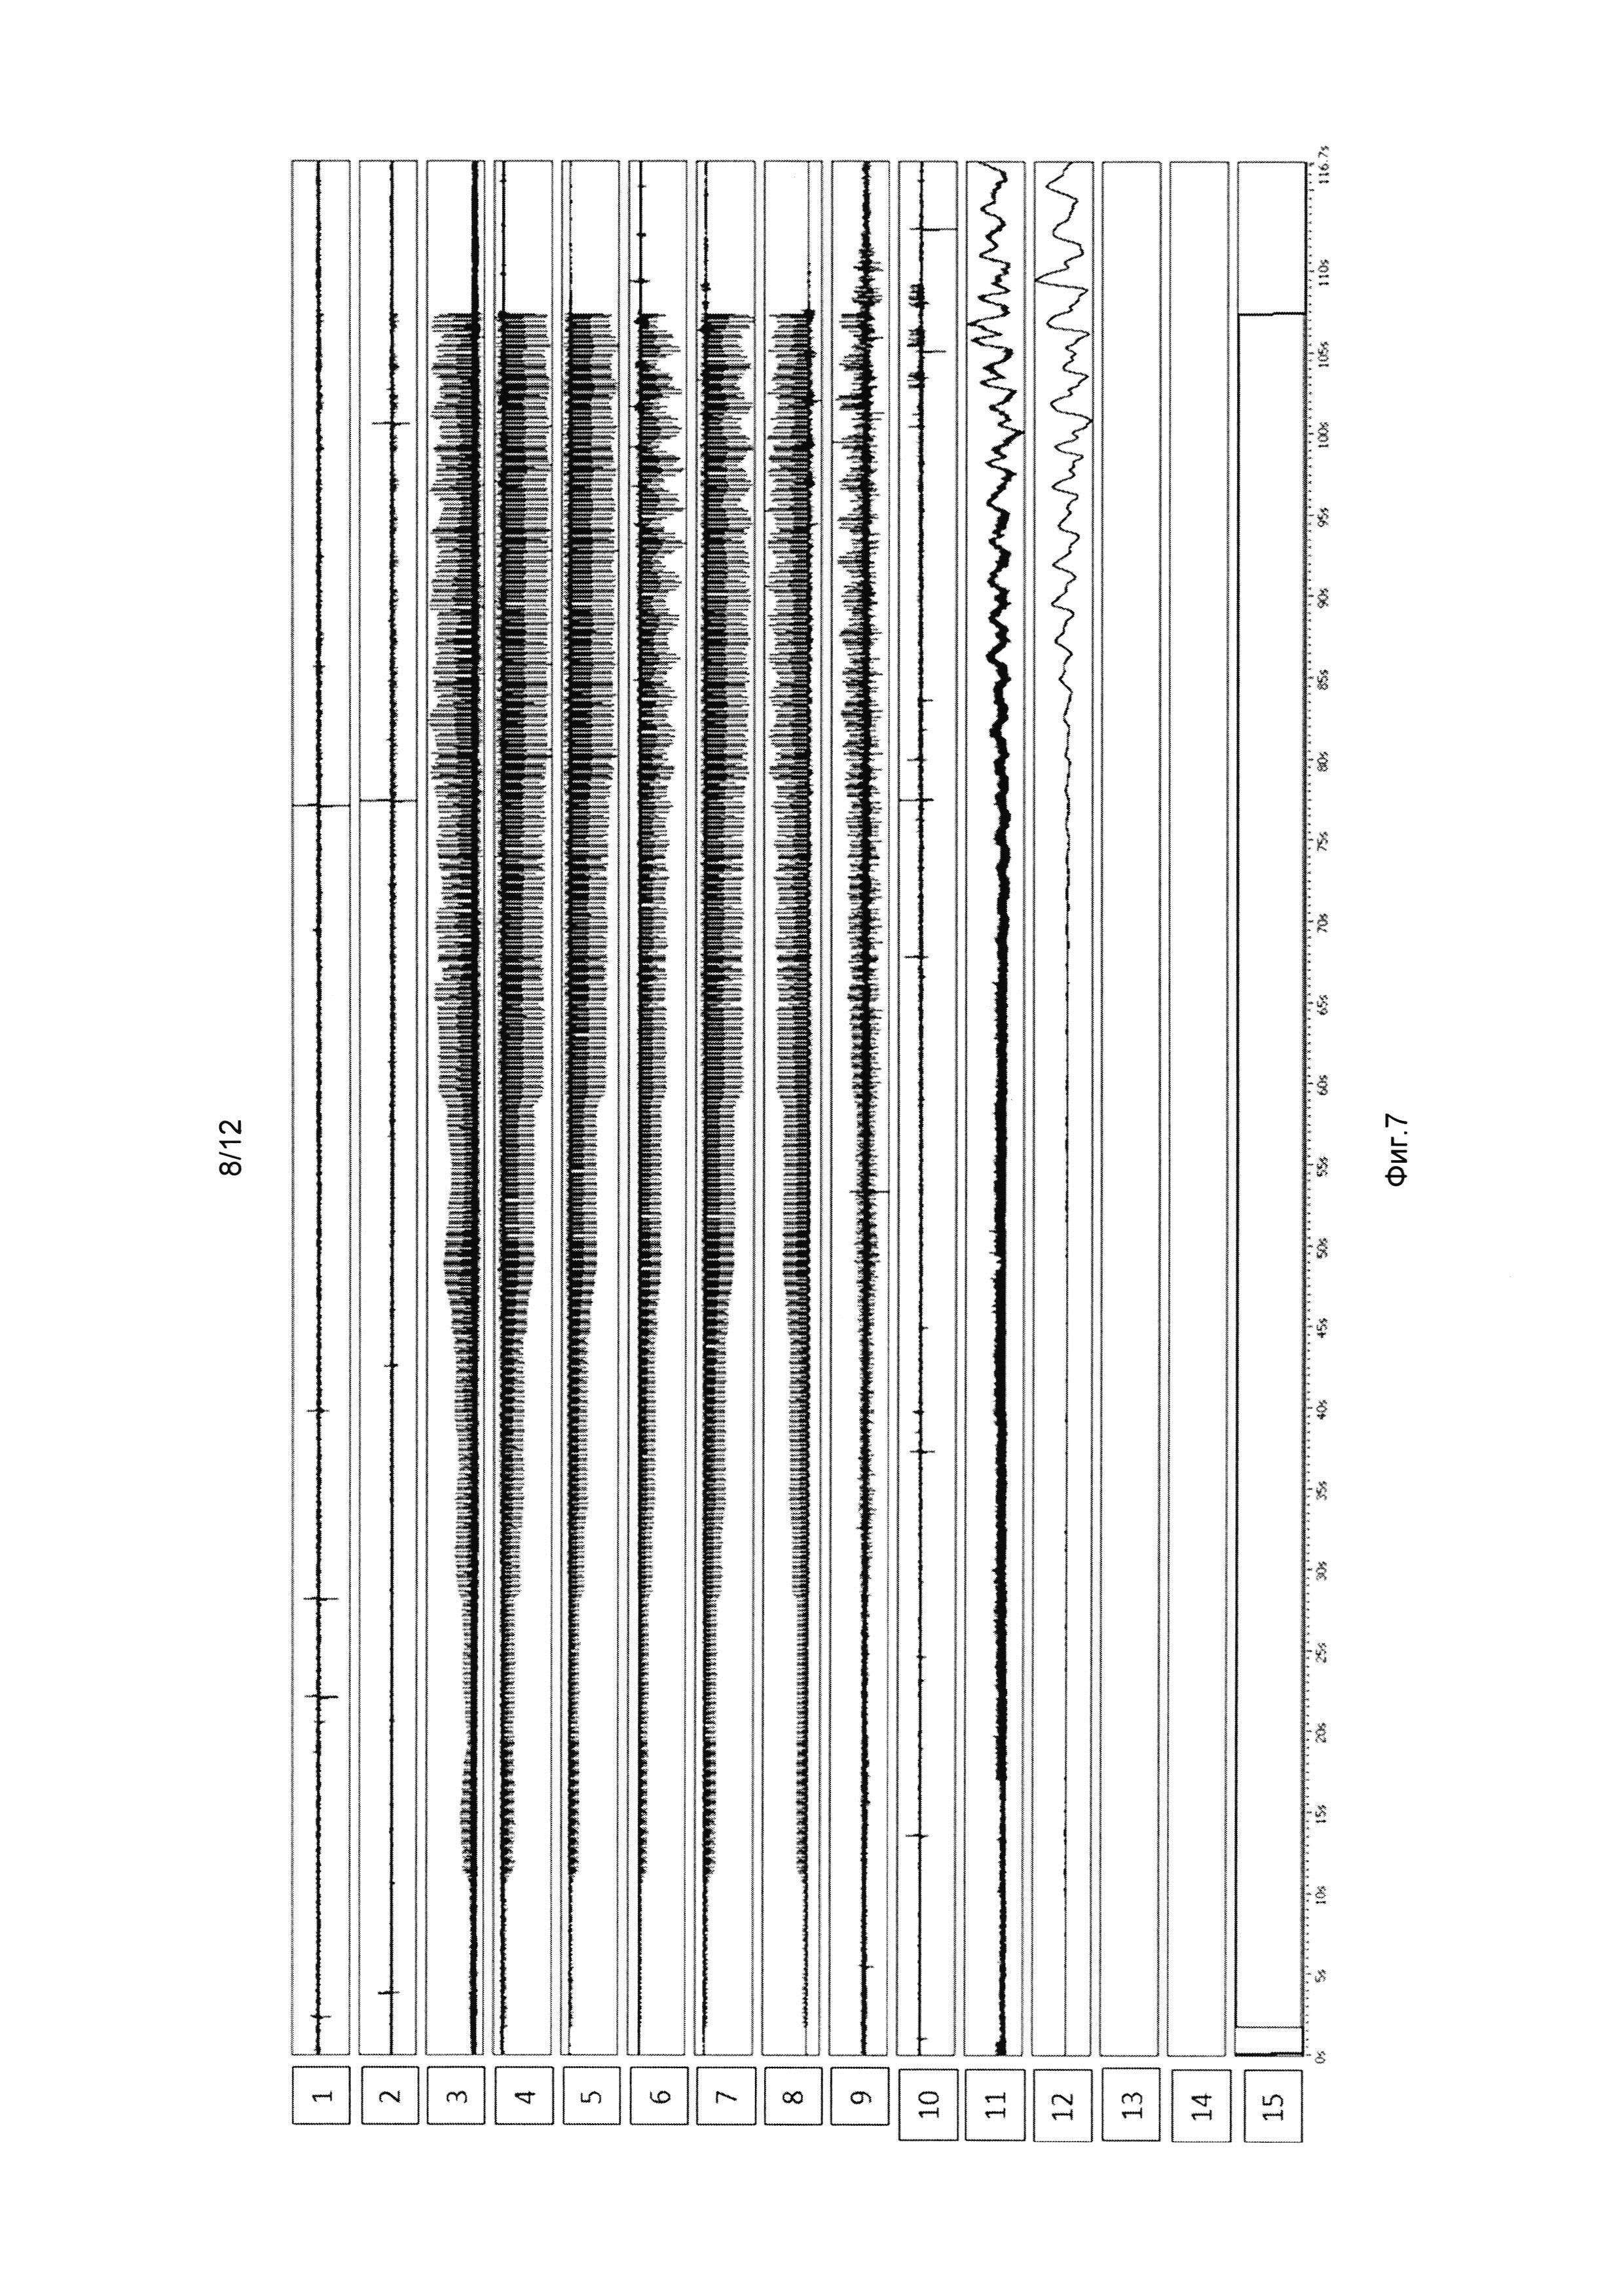 фото строение мошонкина